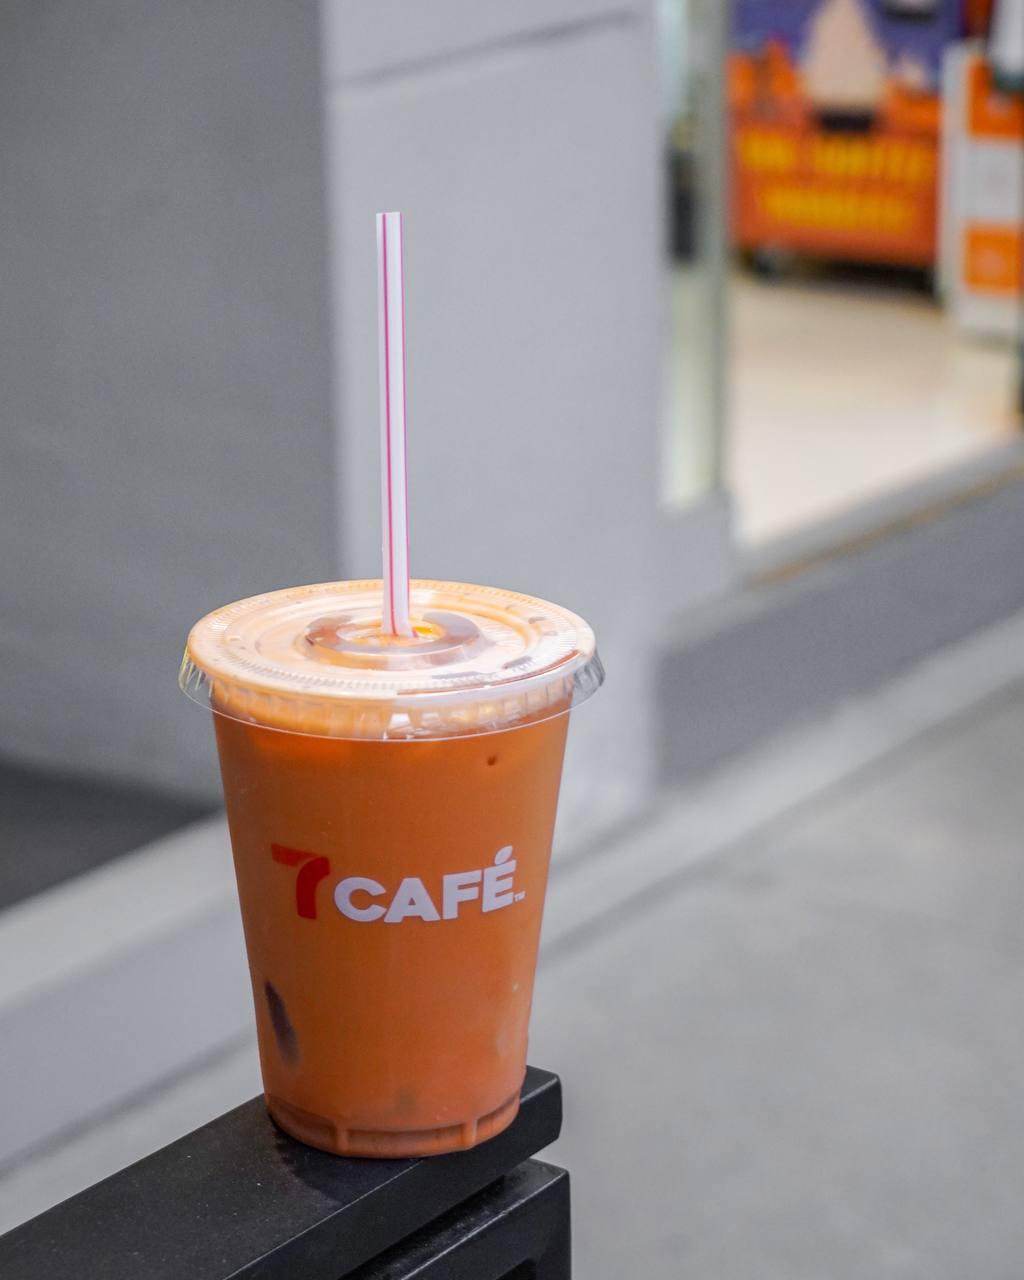 7-eleven thai food - thai milk tea